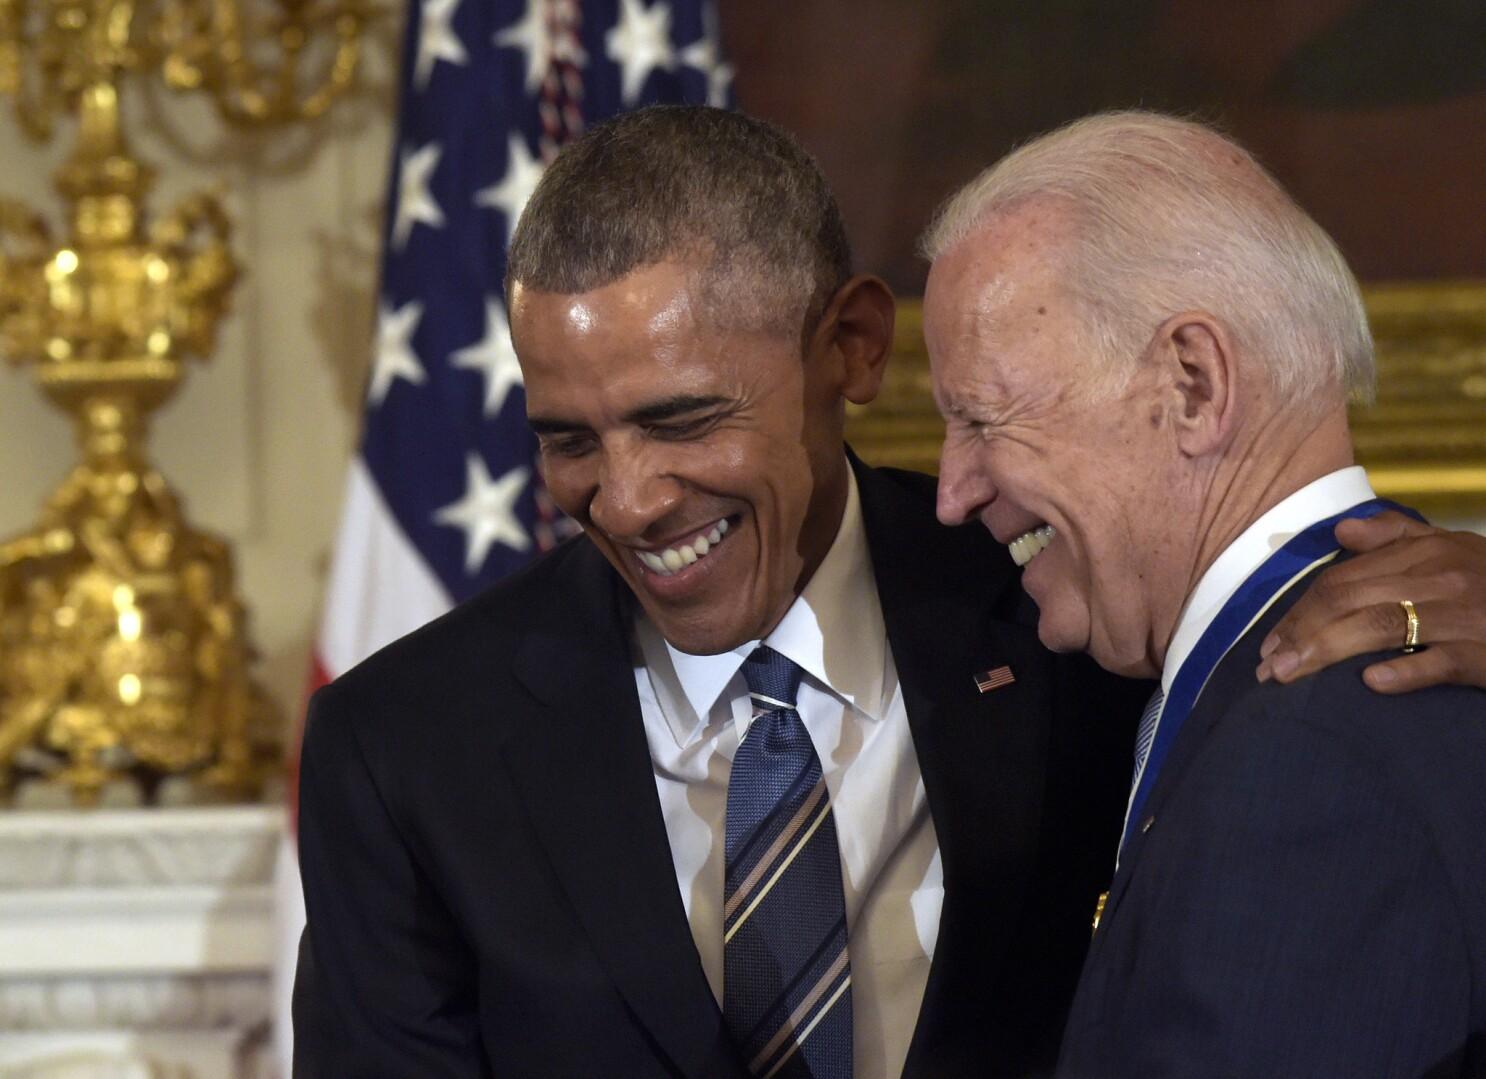 Obama endorses Biden, his former vice president - The San Diego Union-Tribune